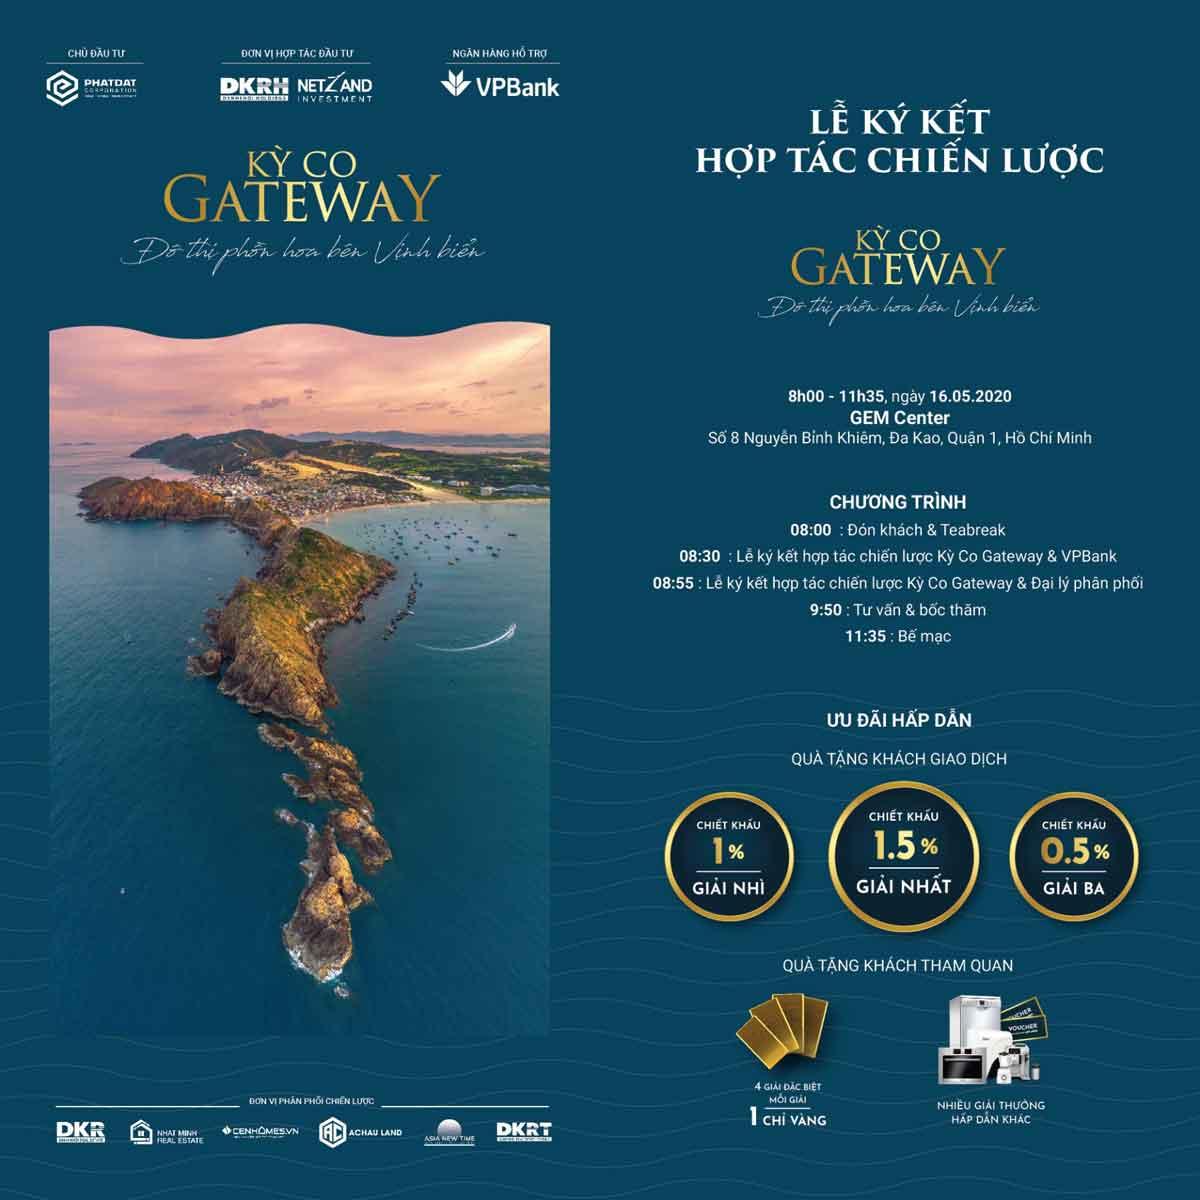 Lễ ký kết và hợp tác chiến lược dự án Kỳ Co Gateway